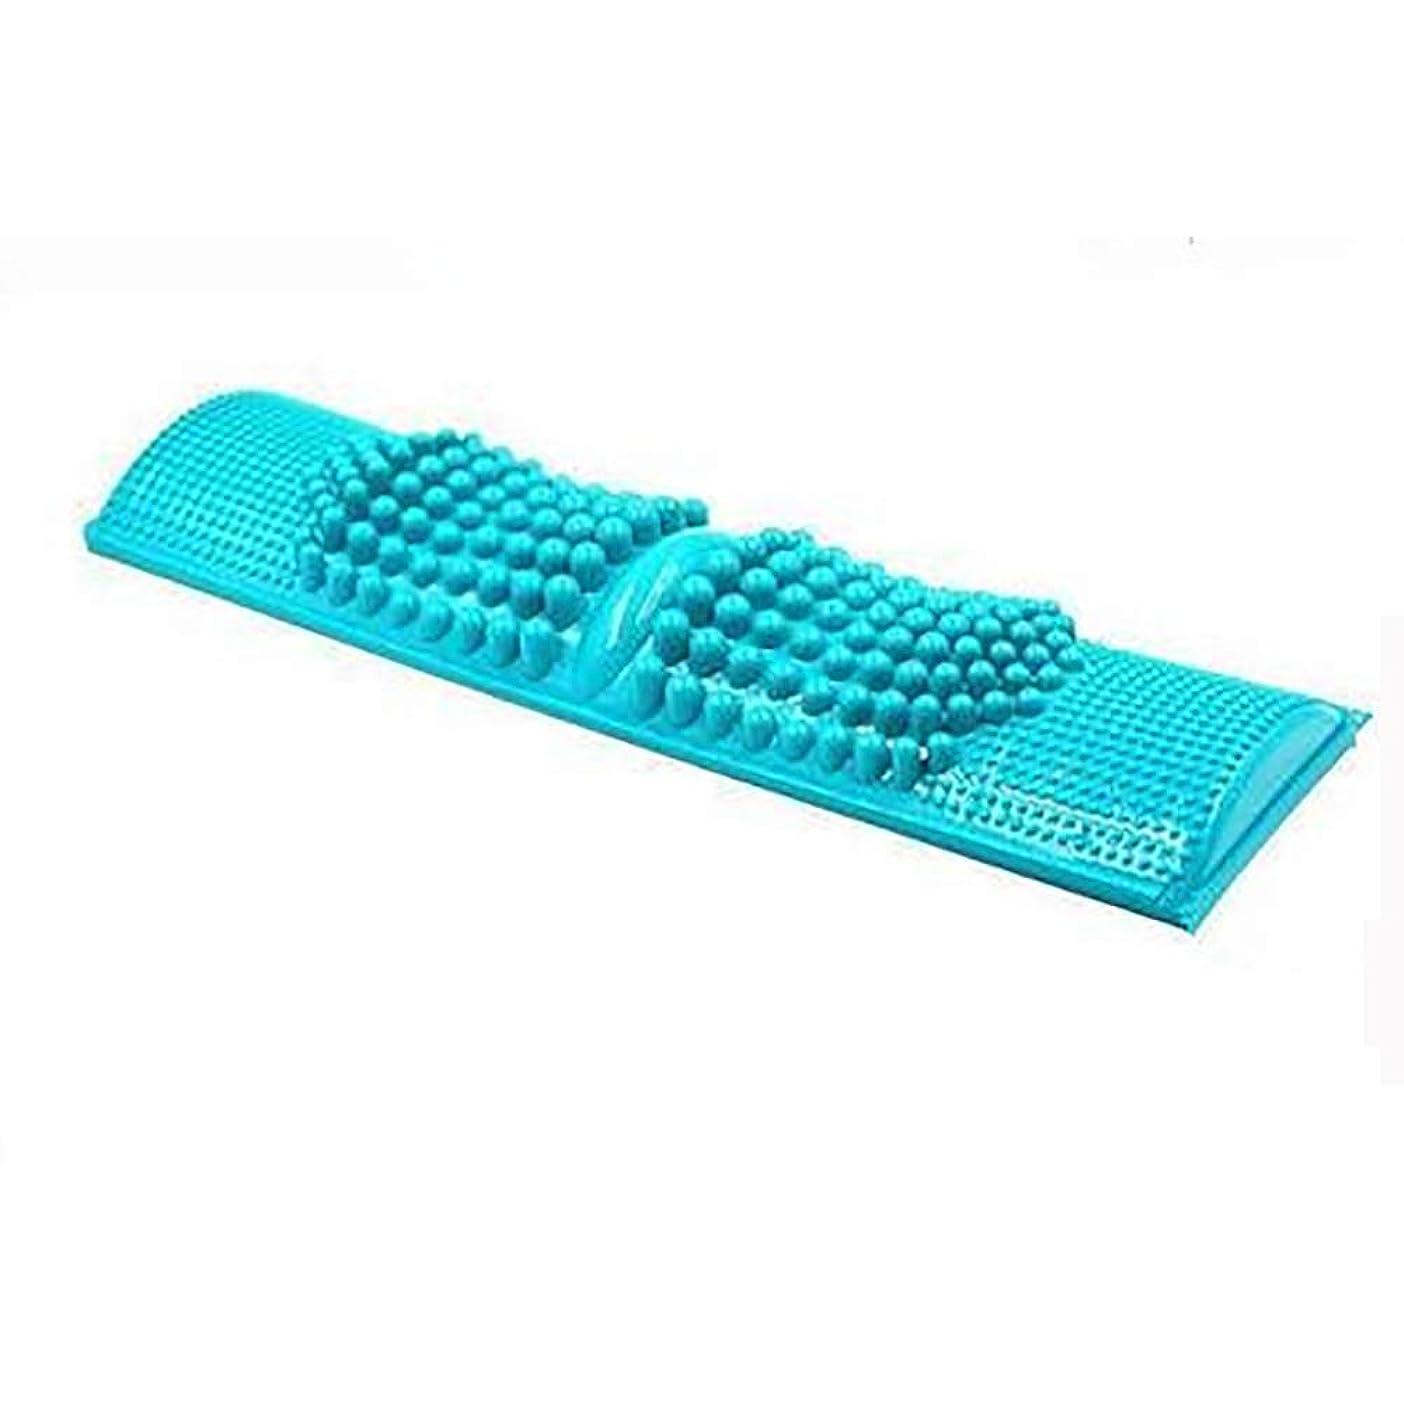 盟主バルブドレスZXCP 簡単に健康維持 BIGサイズ 足つぼマッサージ 【足つぼ対応表付き】 足 踏み 足裏 刺激 血行促進 (ブルー)